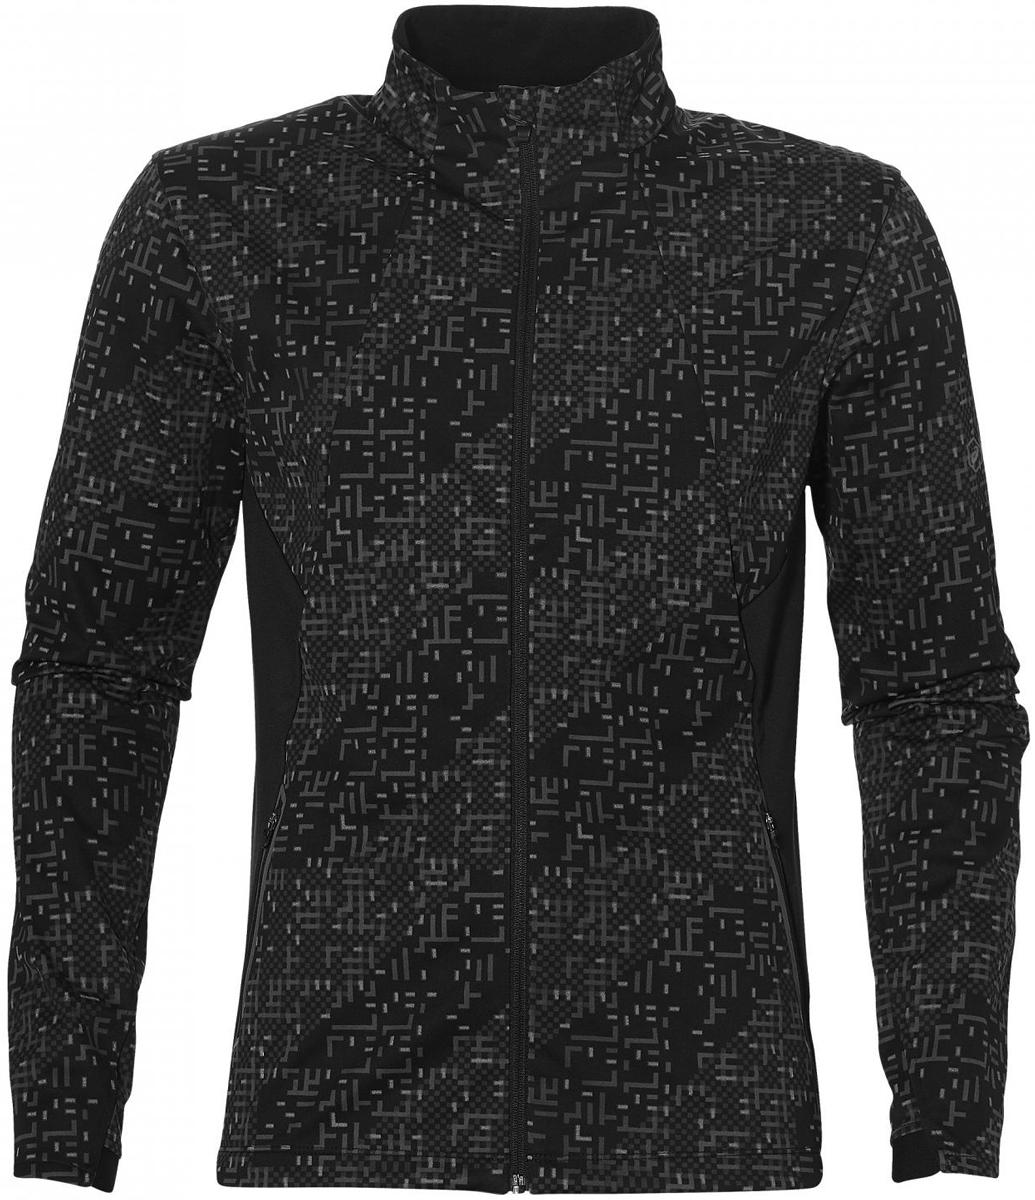 Куртка мужская Asics Lite-Show Winter Jacket, цвет: черный. 146621-1179. Размер XXL (56)146621-1179В куртке от Asics из ветронепроницаемой и водоотталкивающей ткани вы сможете бегать в любую погоду. Прочный материал, устойчивый к воздействию ветра и воды, на спине дополнен эластичными трикотажными вставками, что делает движения более свободными. Также имеется два надежных кармана на молнии для телефона и ключей. Приток воздуха можно регулировать основной полноразмерной молнией со специальной вставкой для защиты подбородка от натирания. Дышащая ткань. Устойчивость к ветру и воде. Светоотражающий логотип Asics и другие светоотражающие элементы для безопасного бега в темное время суток.